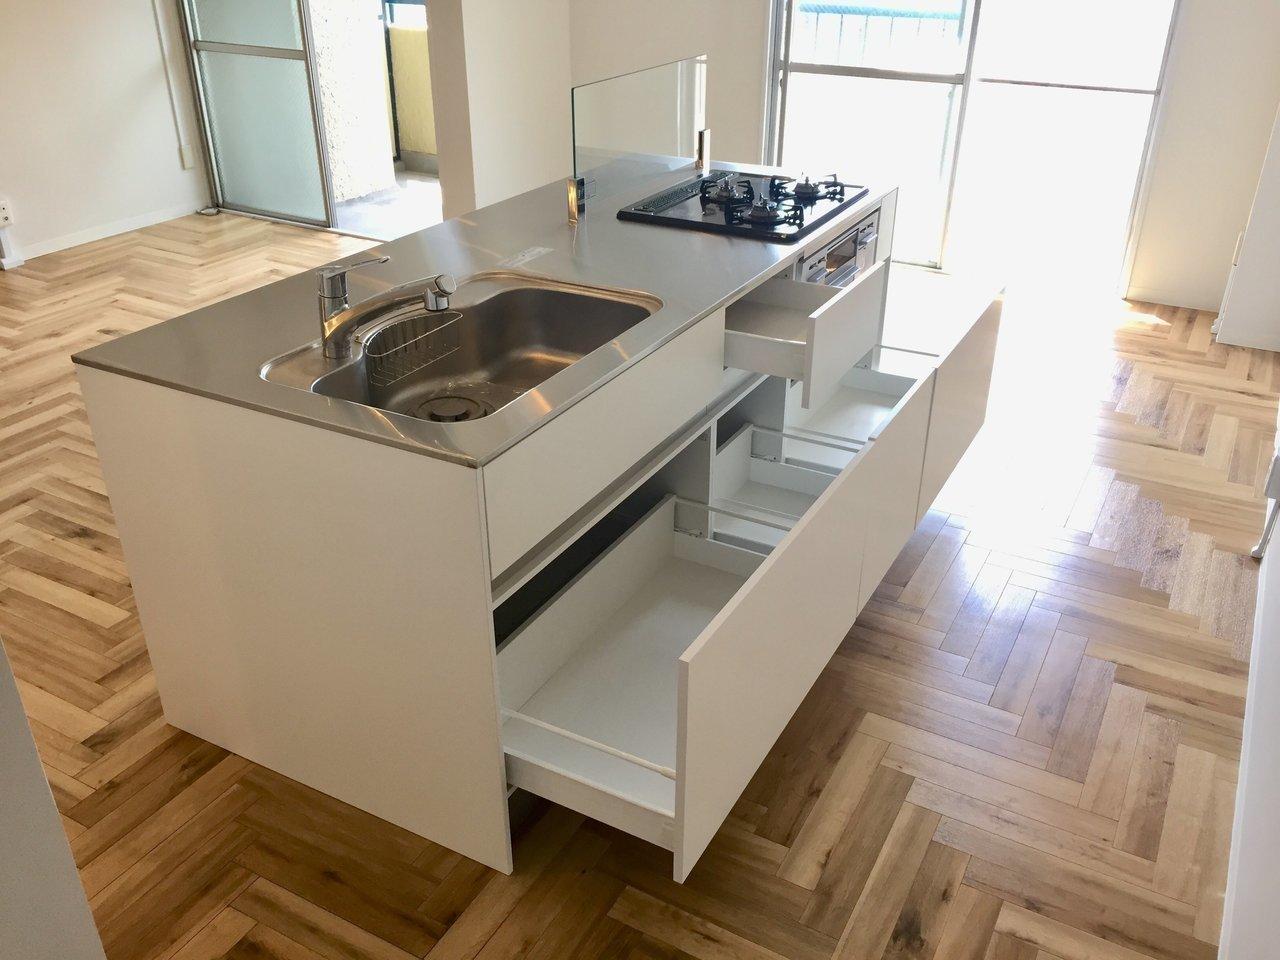 キッチンはこちら!料理好きさんも納得できる作業スペースの広さですよ。